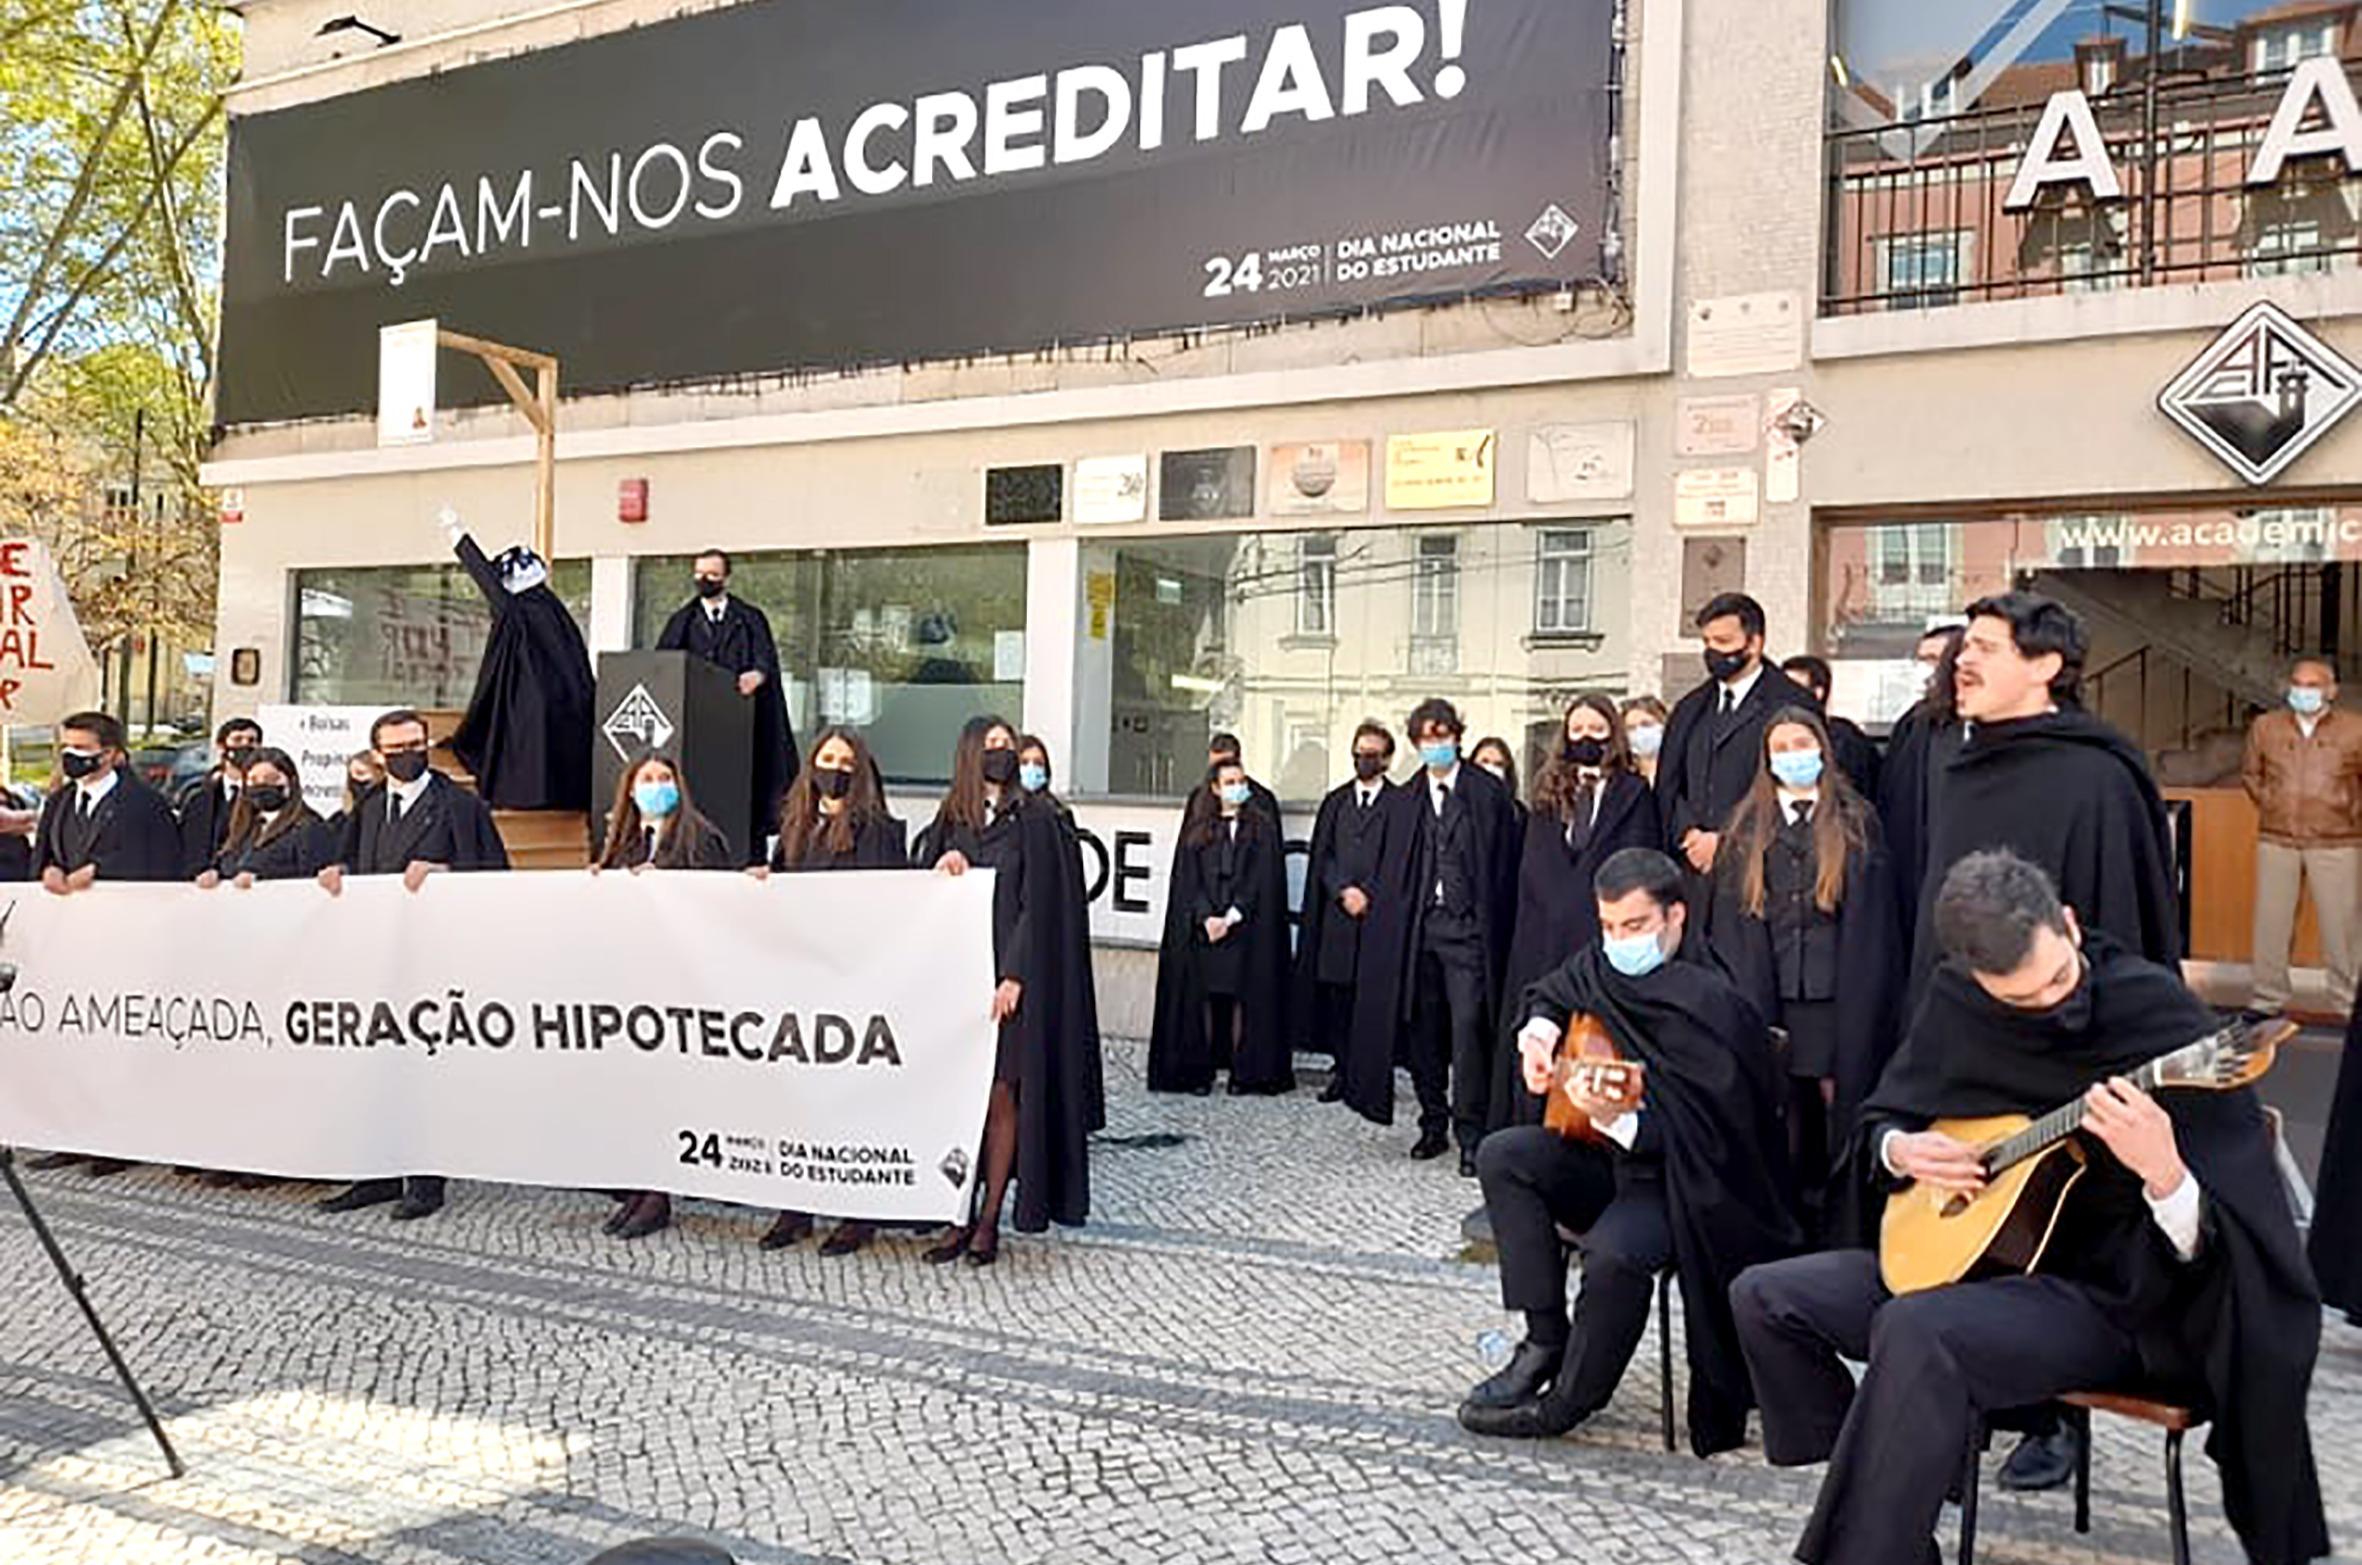 """Grupo de estudantes trajados em frente à Associação Académica de Coimbra. Vêm-se cartazes """"Façam-nos Acreditar"""" e """"Geração Ameaçada, Geração Hipotecada""""; dois estudantes tocam guitarra e os restantes, cerca de 20, prestam atenção com postura de protesto contra o sistema"""